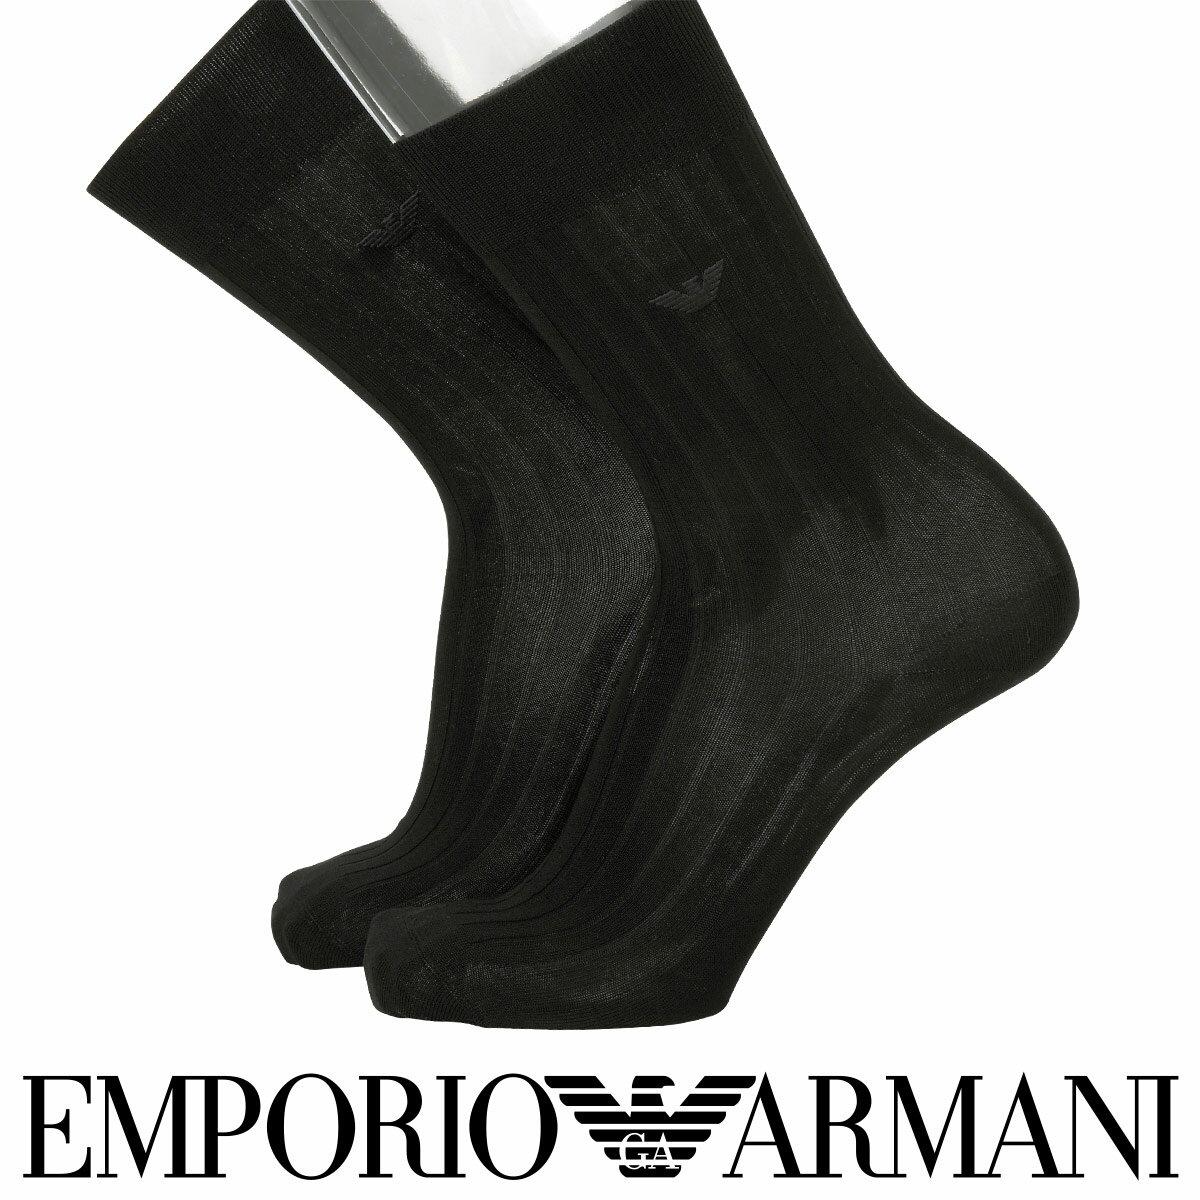 決算セール!30%OFFEMPORIO ARMANI ( エンポリオ アルマーニ )抗菌防臭 メンズ ビジネス ソックス 靴下 Dress リブ クルー丈 ソックス男性 メンズ プレゼント ギフト 誕生日2312-410 バレンタイン プレゼント ポイント10倍